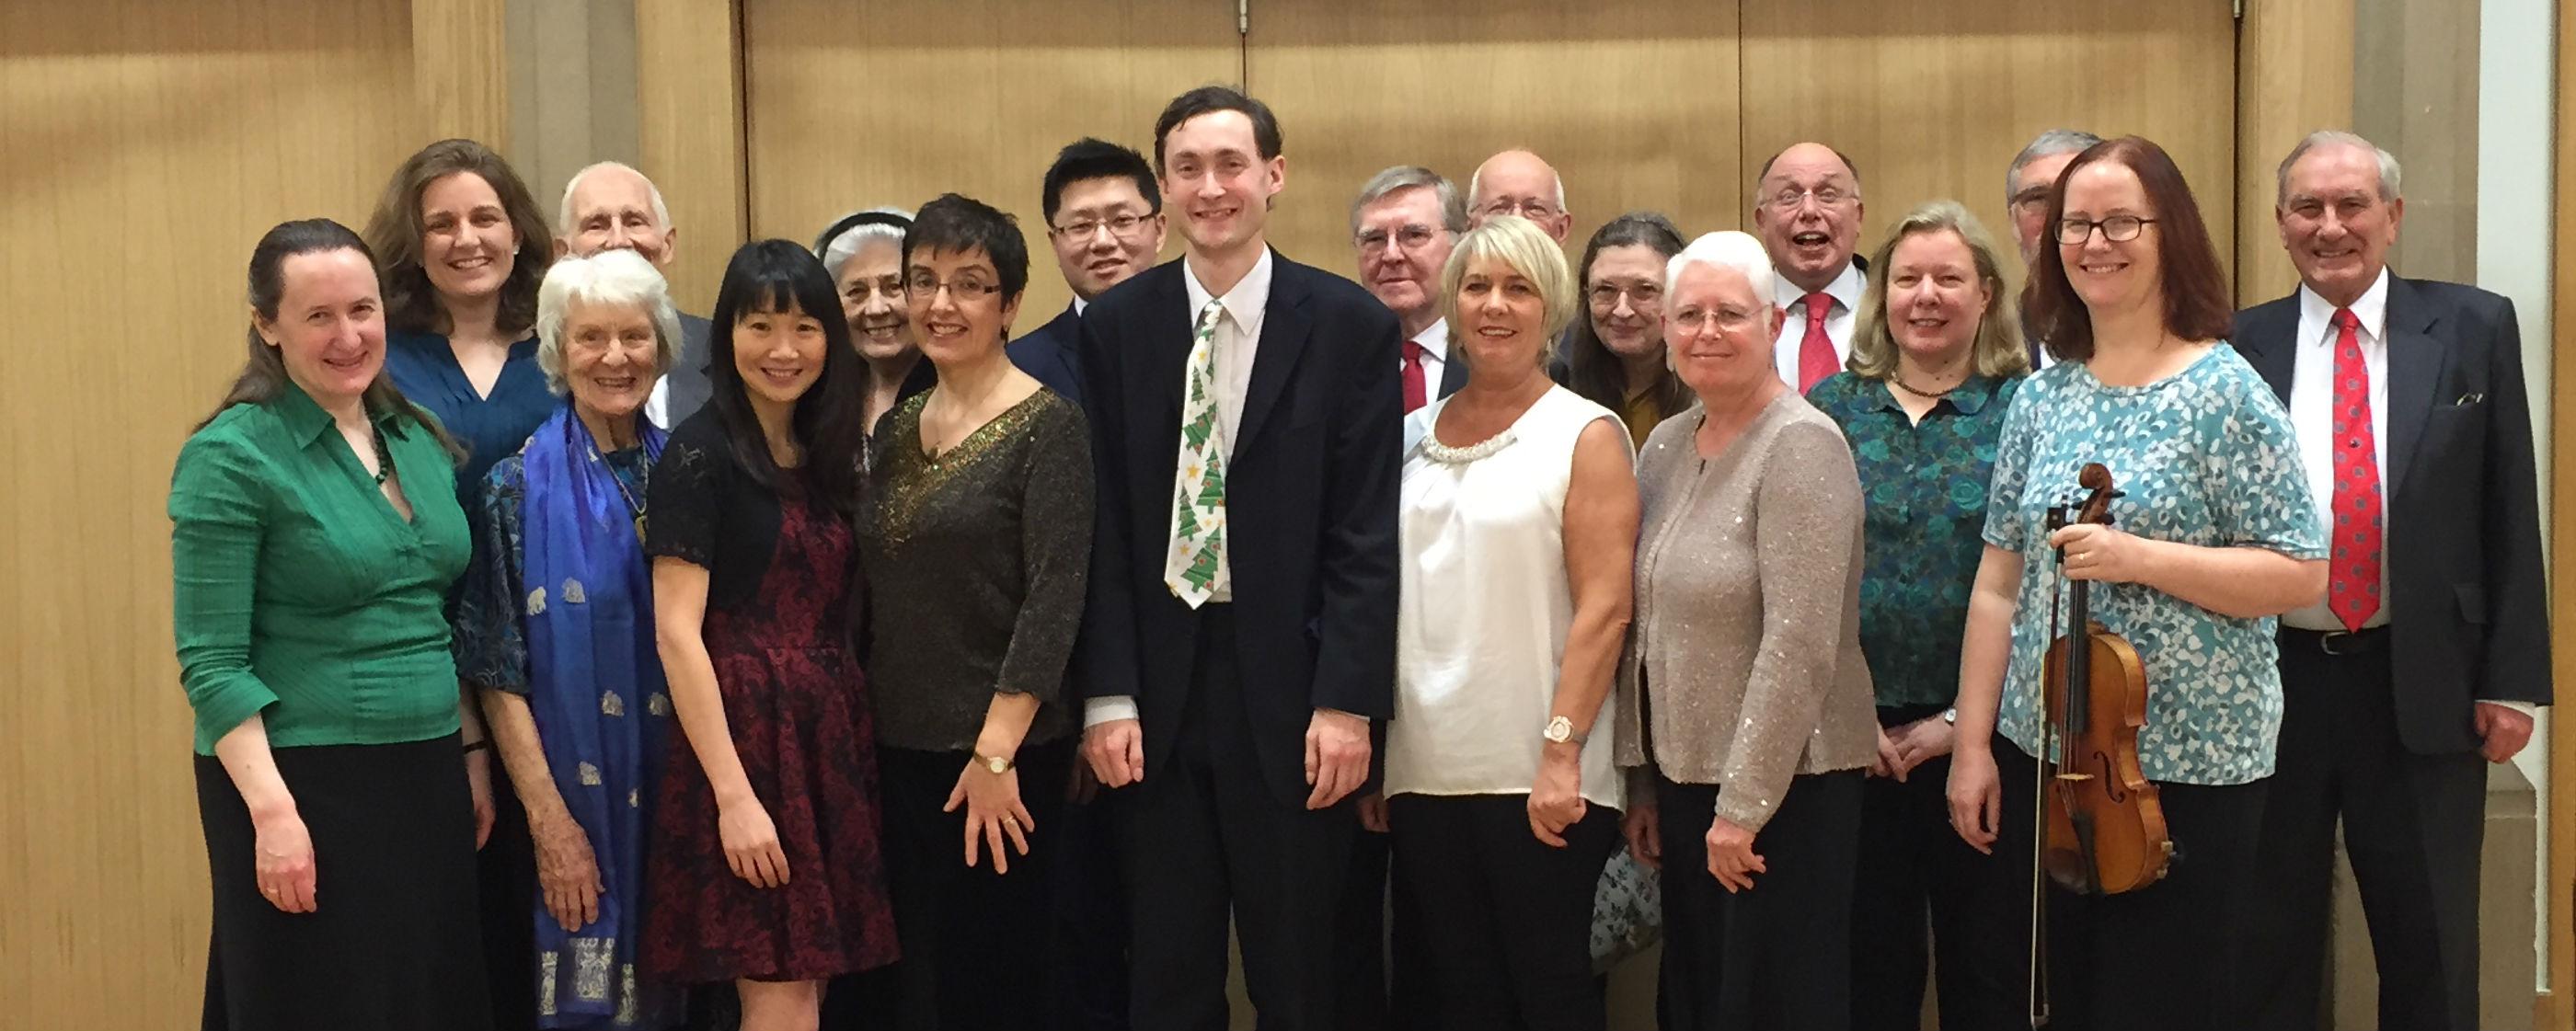 Choir and musicians Trinity